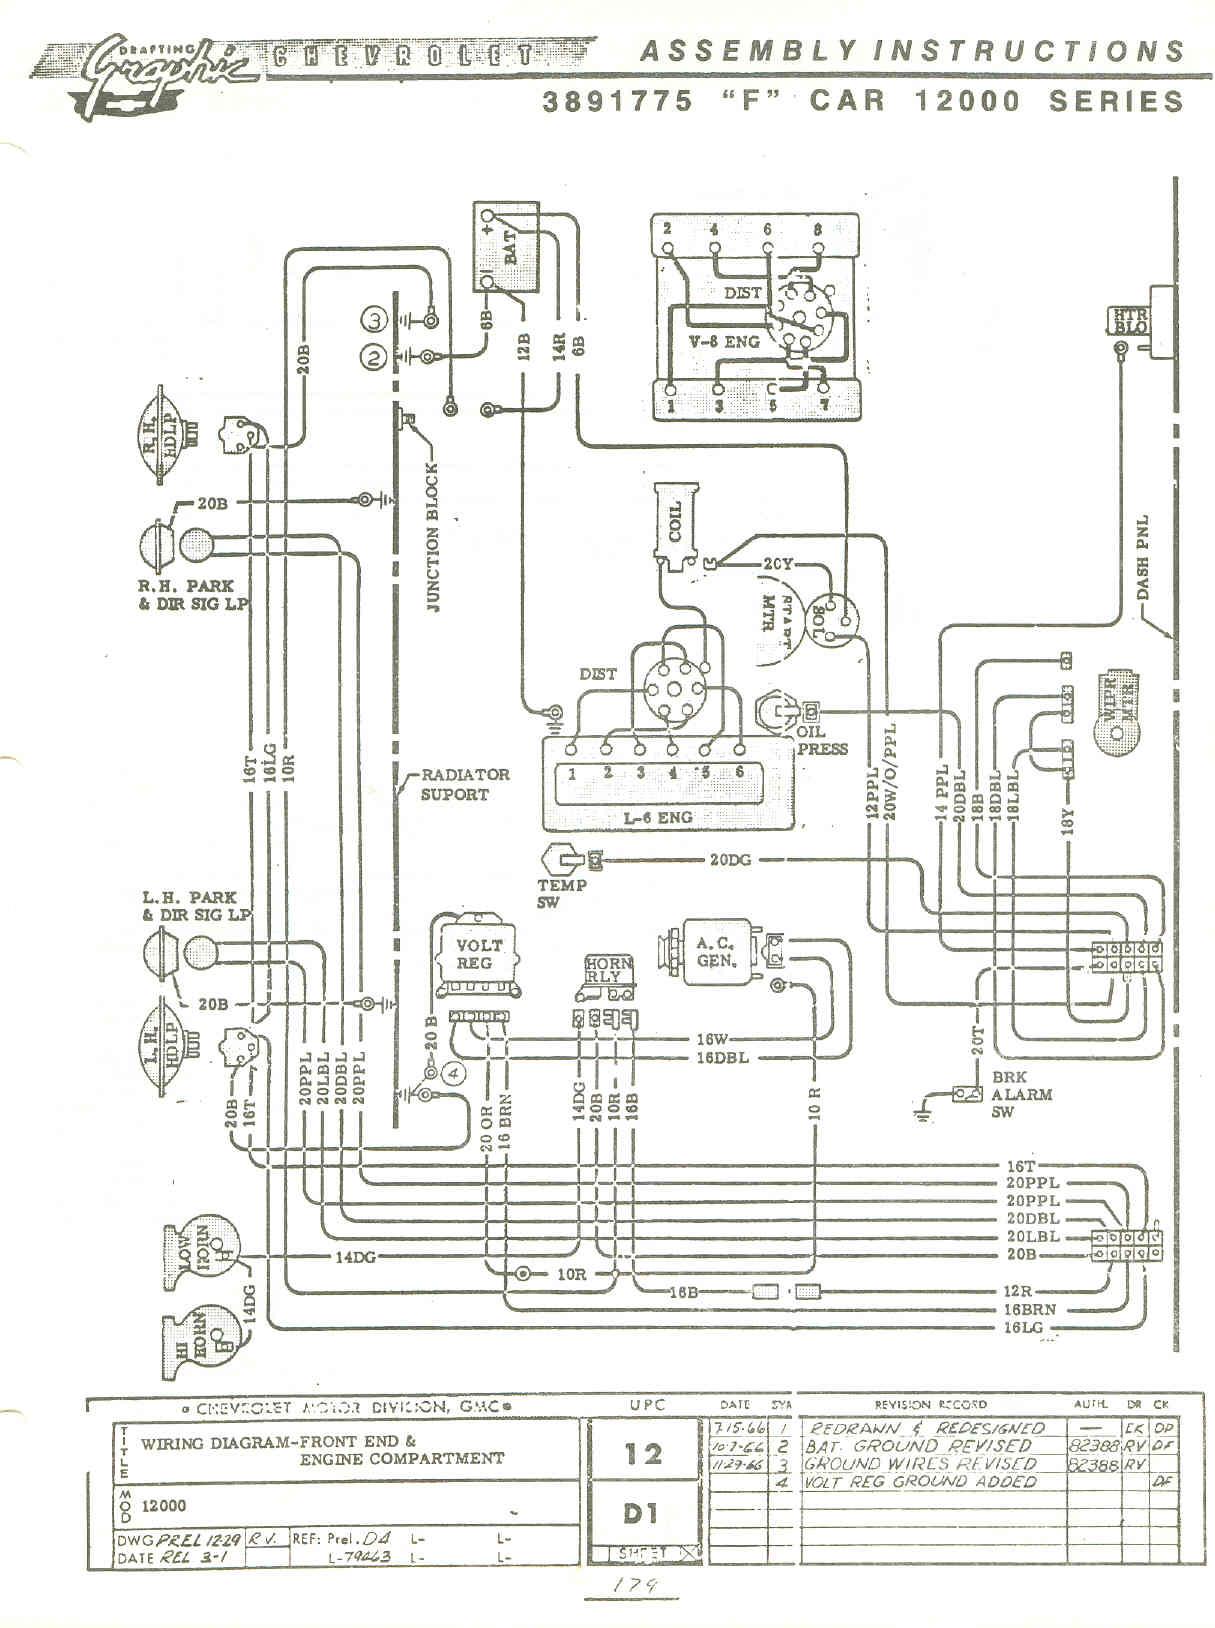 corvette wiring diagram pdf image wiring 1969 corvette console diagram wiring schematic 1969 auto wiring on 1980 corvette wiring diagram pdf